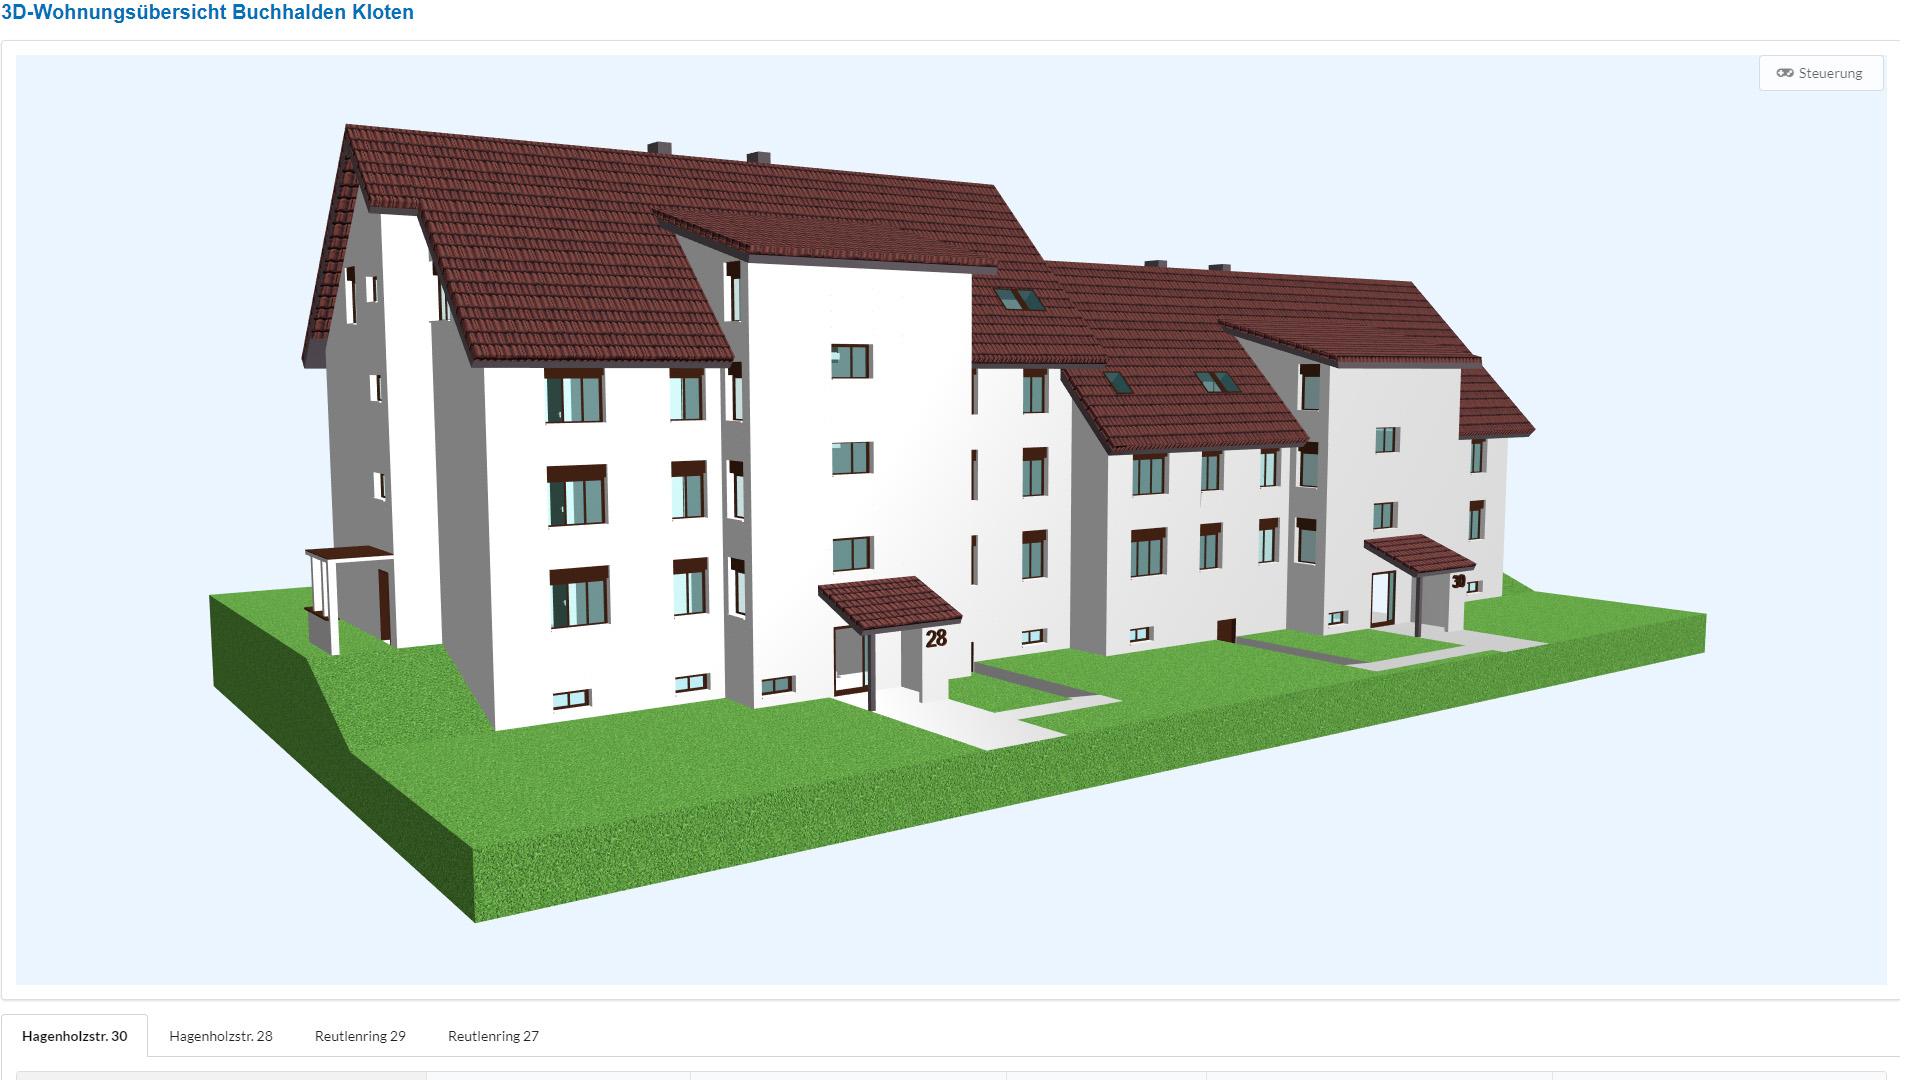 Immobilien Buchhalden in 3D _2